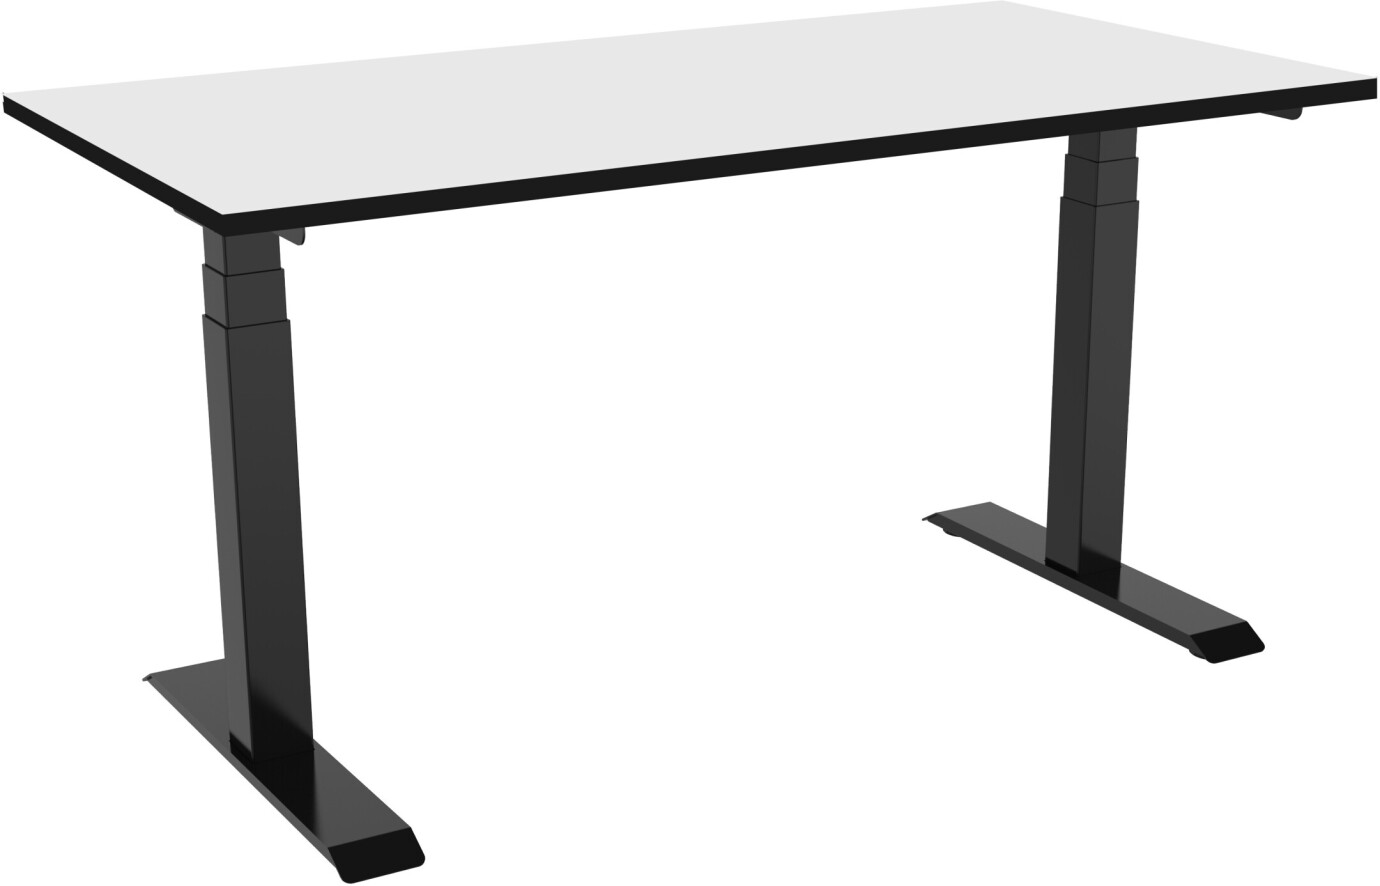 celexon elektrisch höhenverstellbarer Schreibtisch Professional eAdjust-58123 - schwarz, inkl. HPL Tischplatte 125 x 75 cm